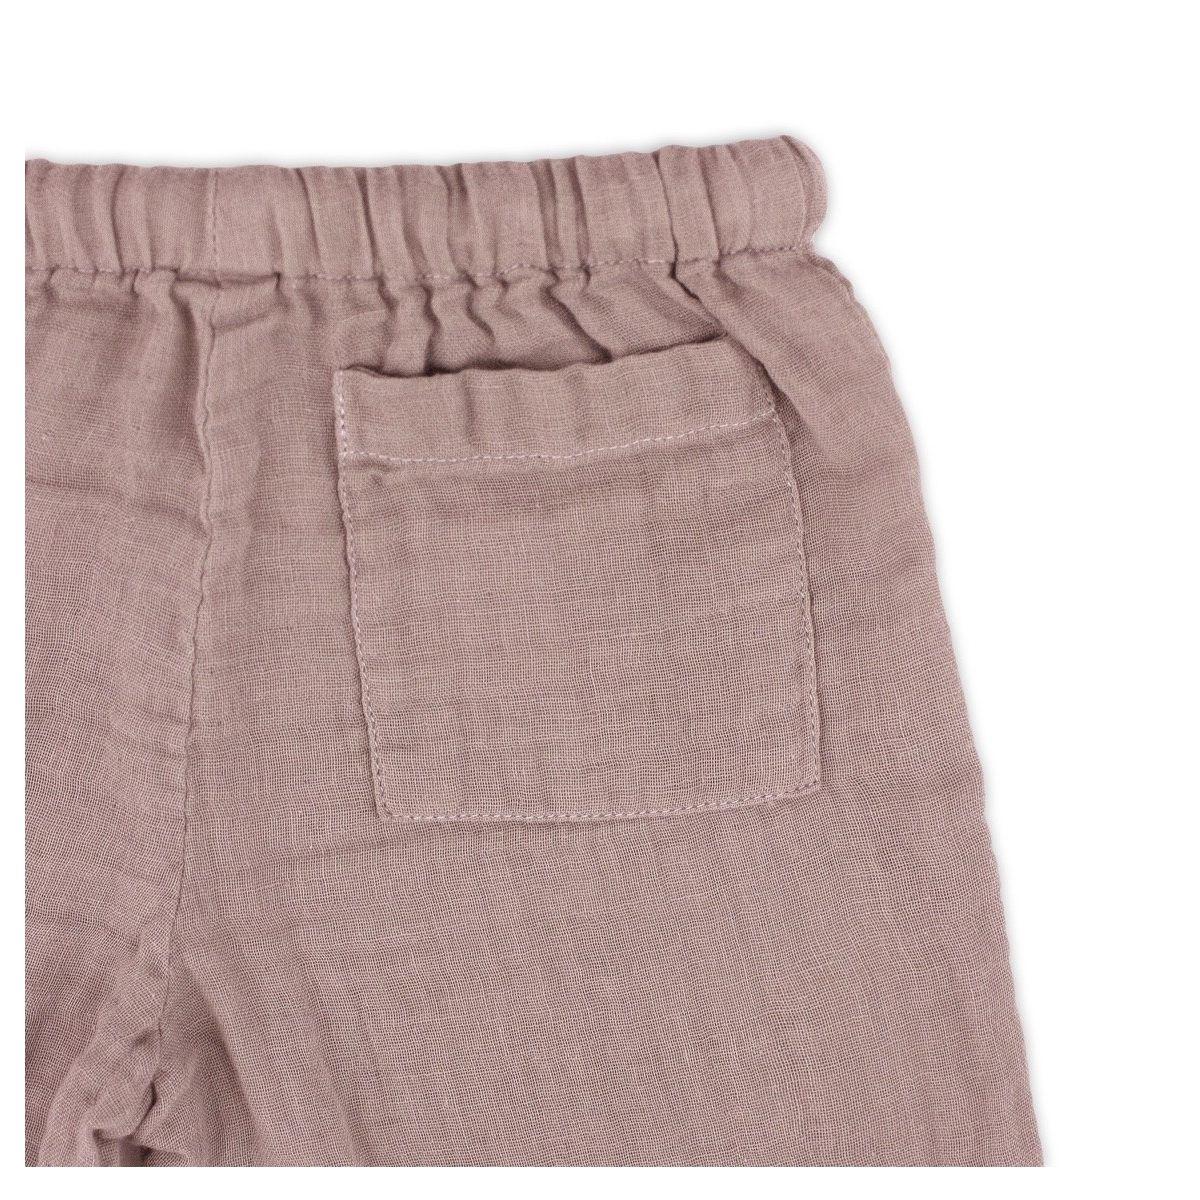 Suit Dan shirt & pants dusty pink - Numero 74